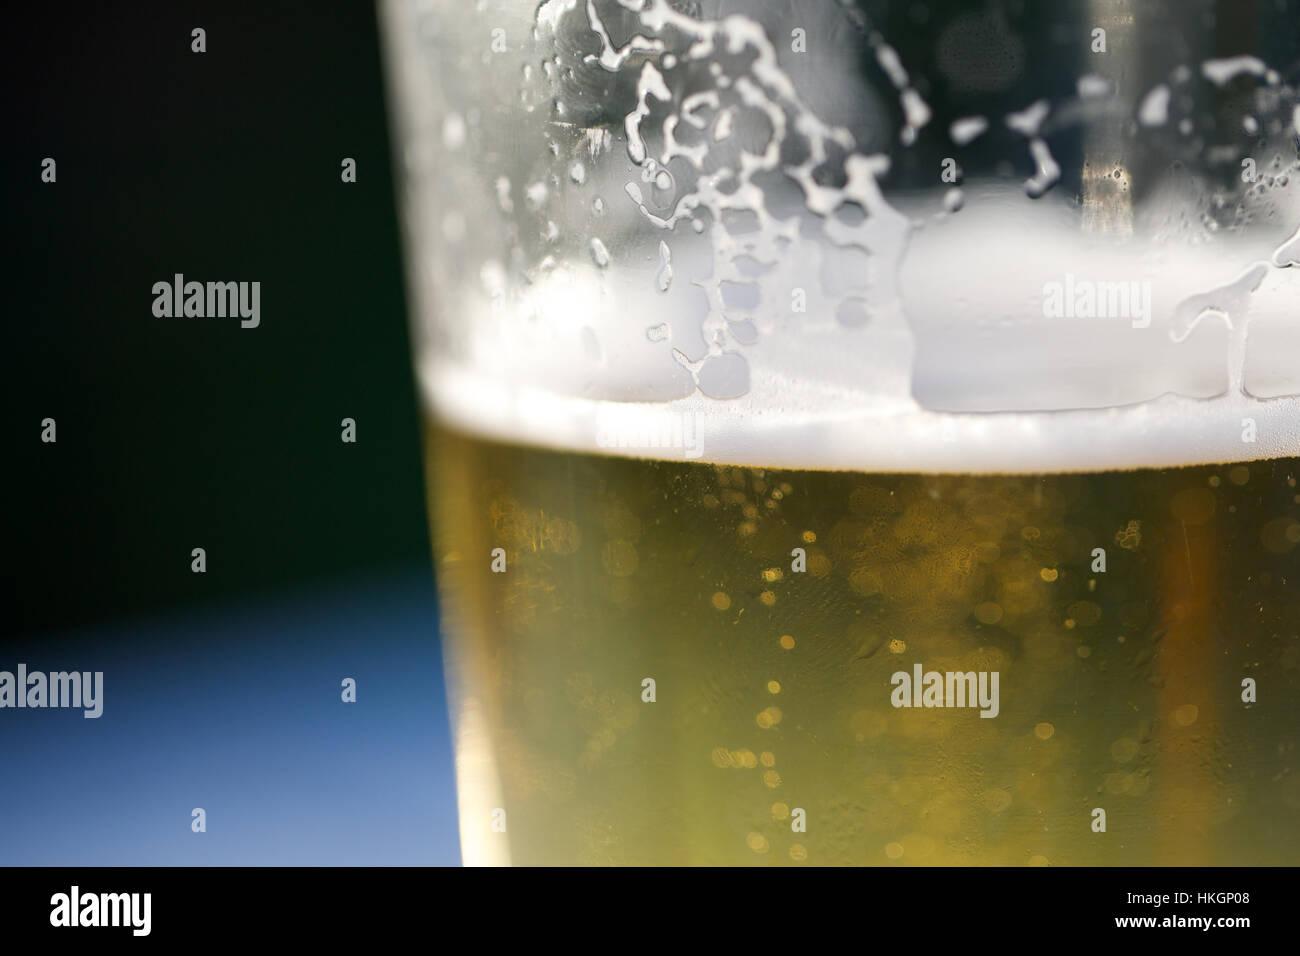 Nahaufnahme von Glas Bier. Blur, Alkohol, Getränke, Schaum Stockfoto ...